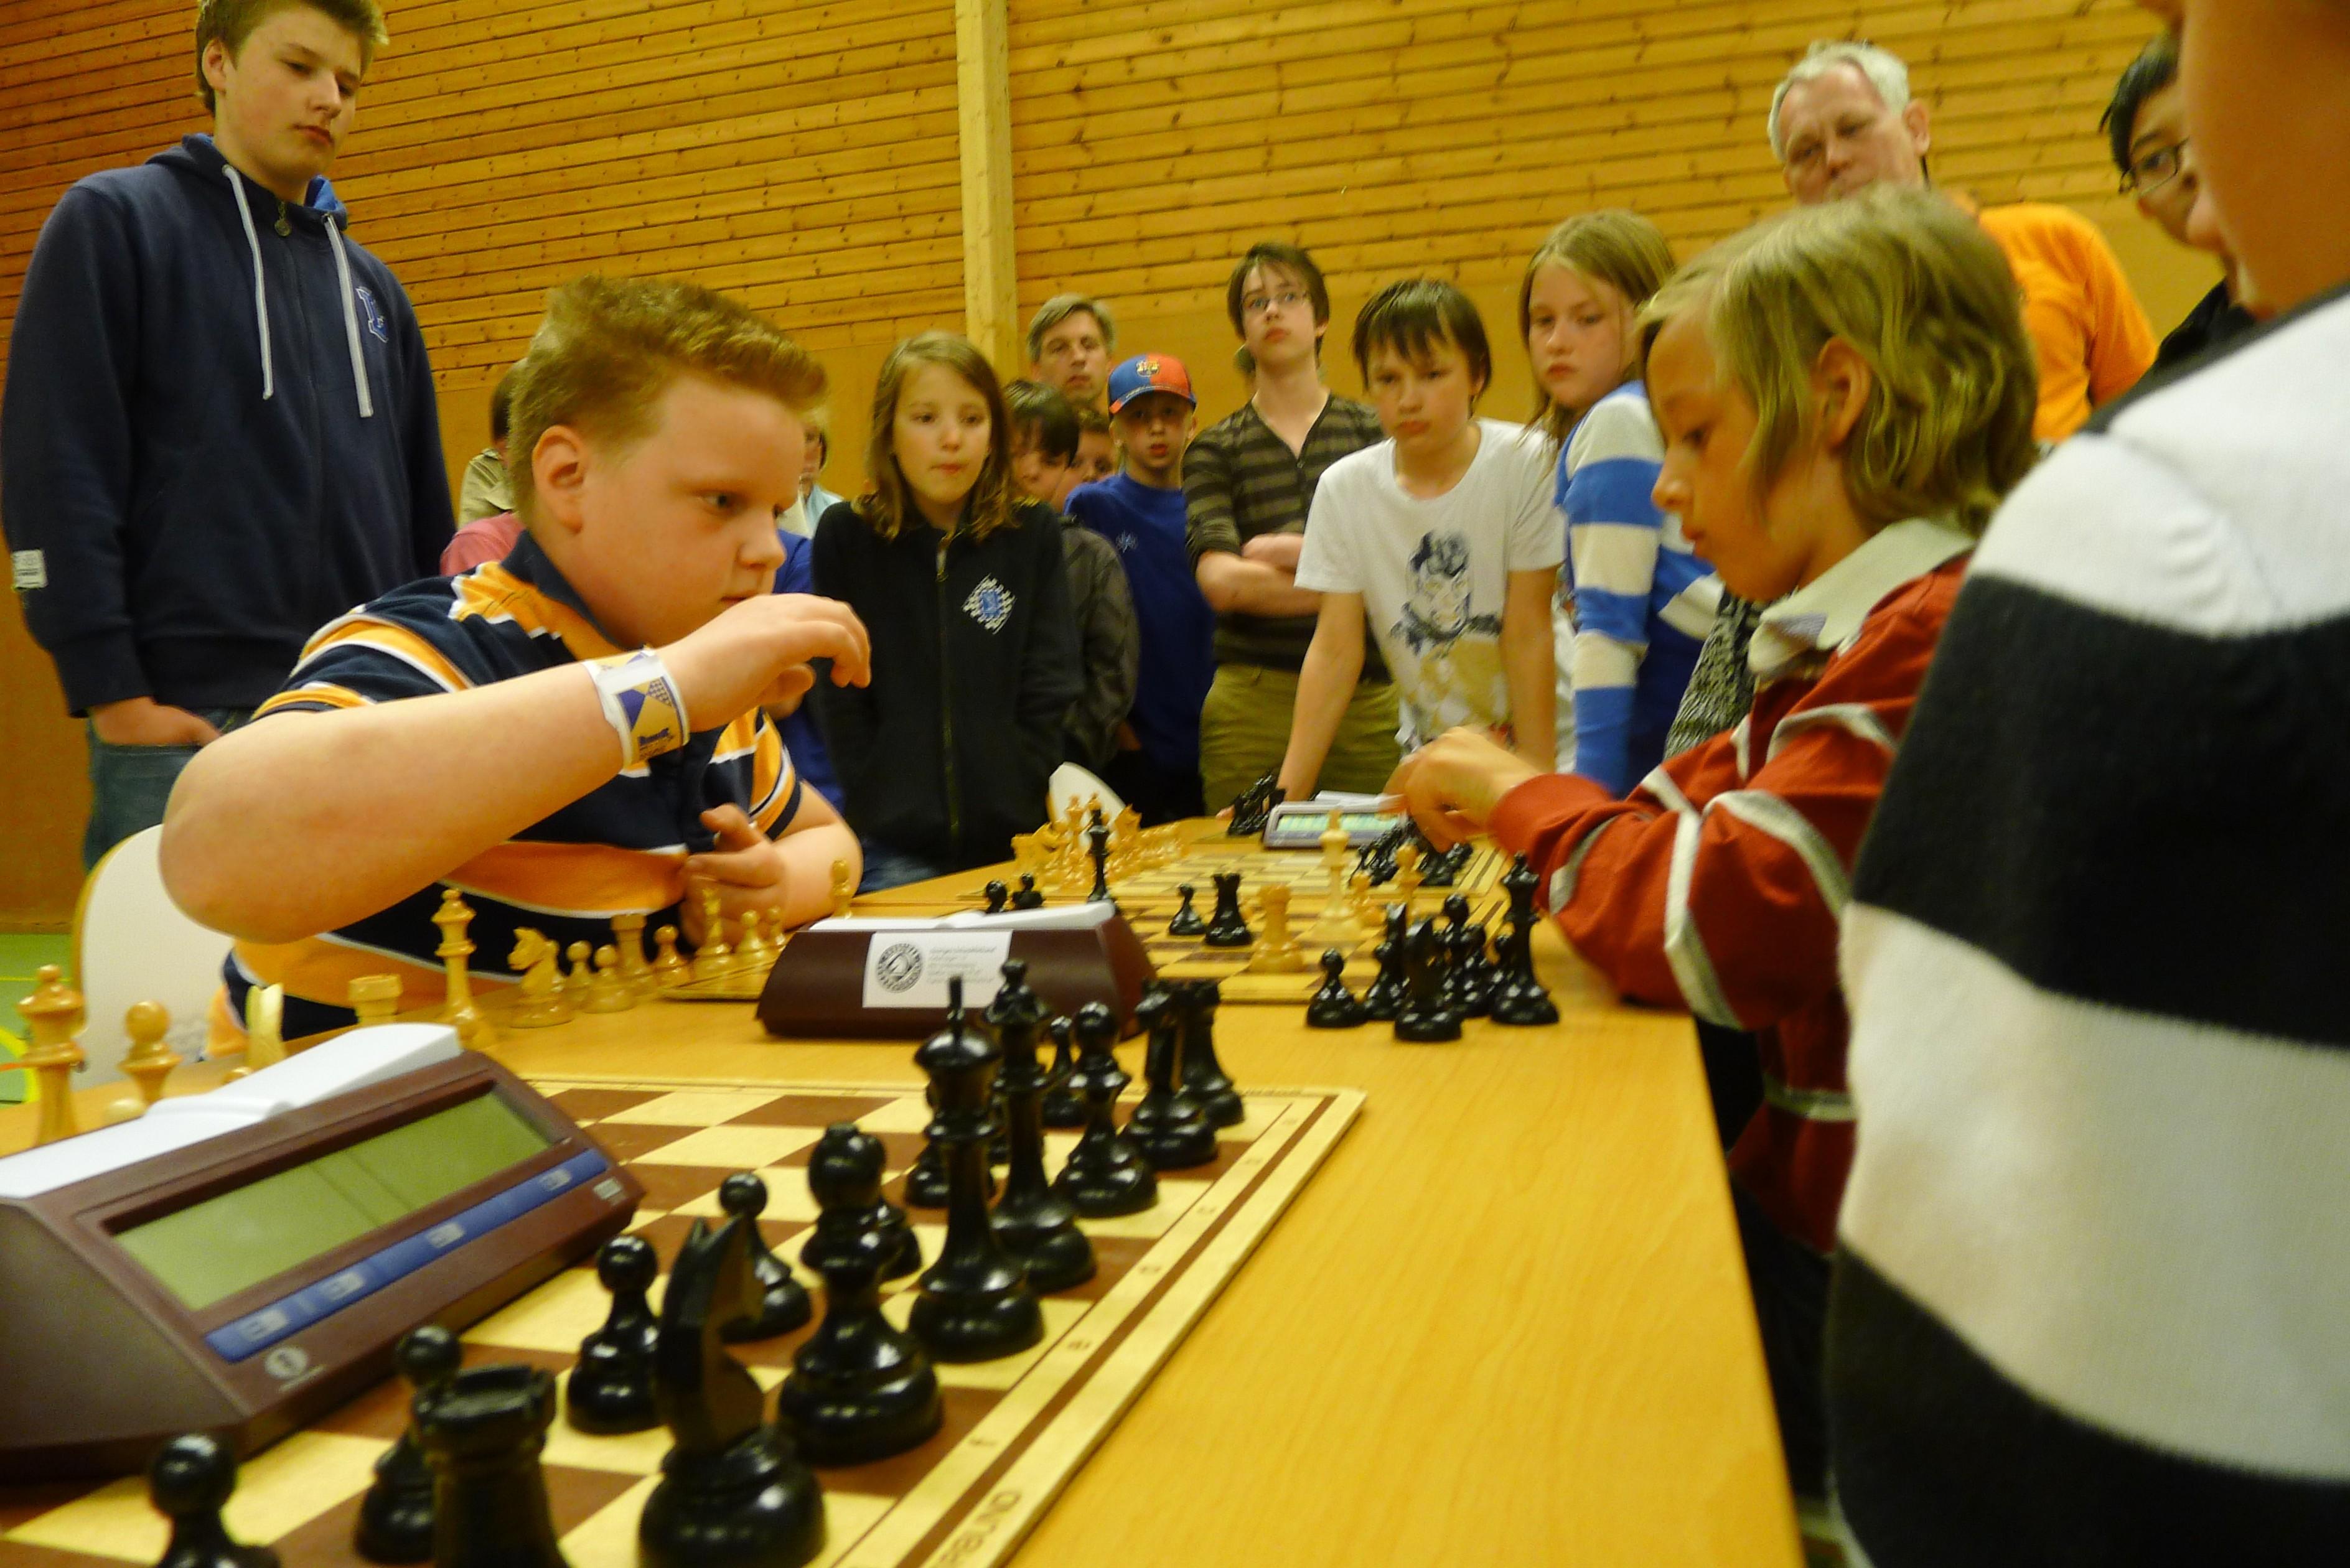 Sista matchens avgörande parti: Andrej vinner som vit mot sin motståndare och säkrar silvret för Oscar Fredrik.